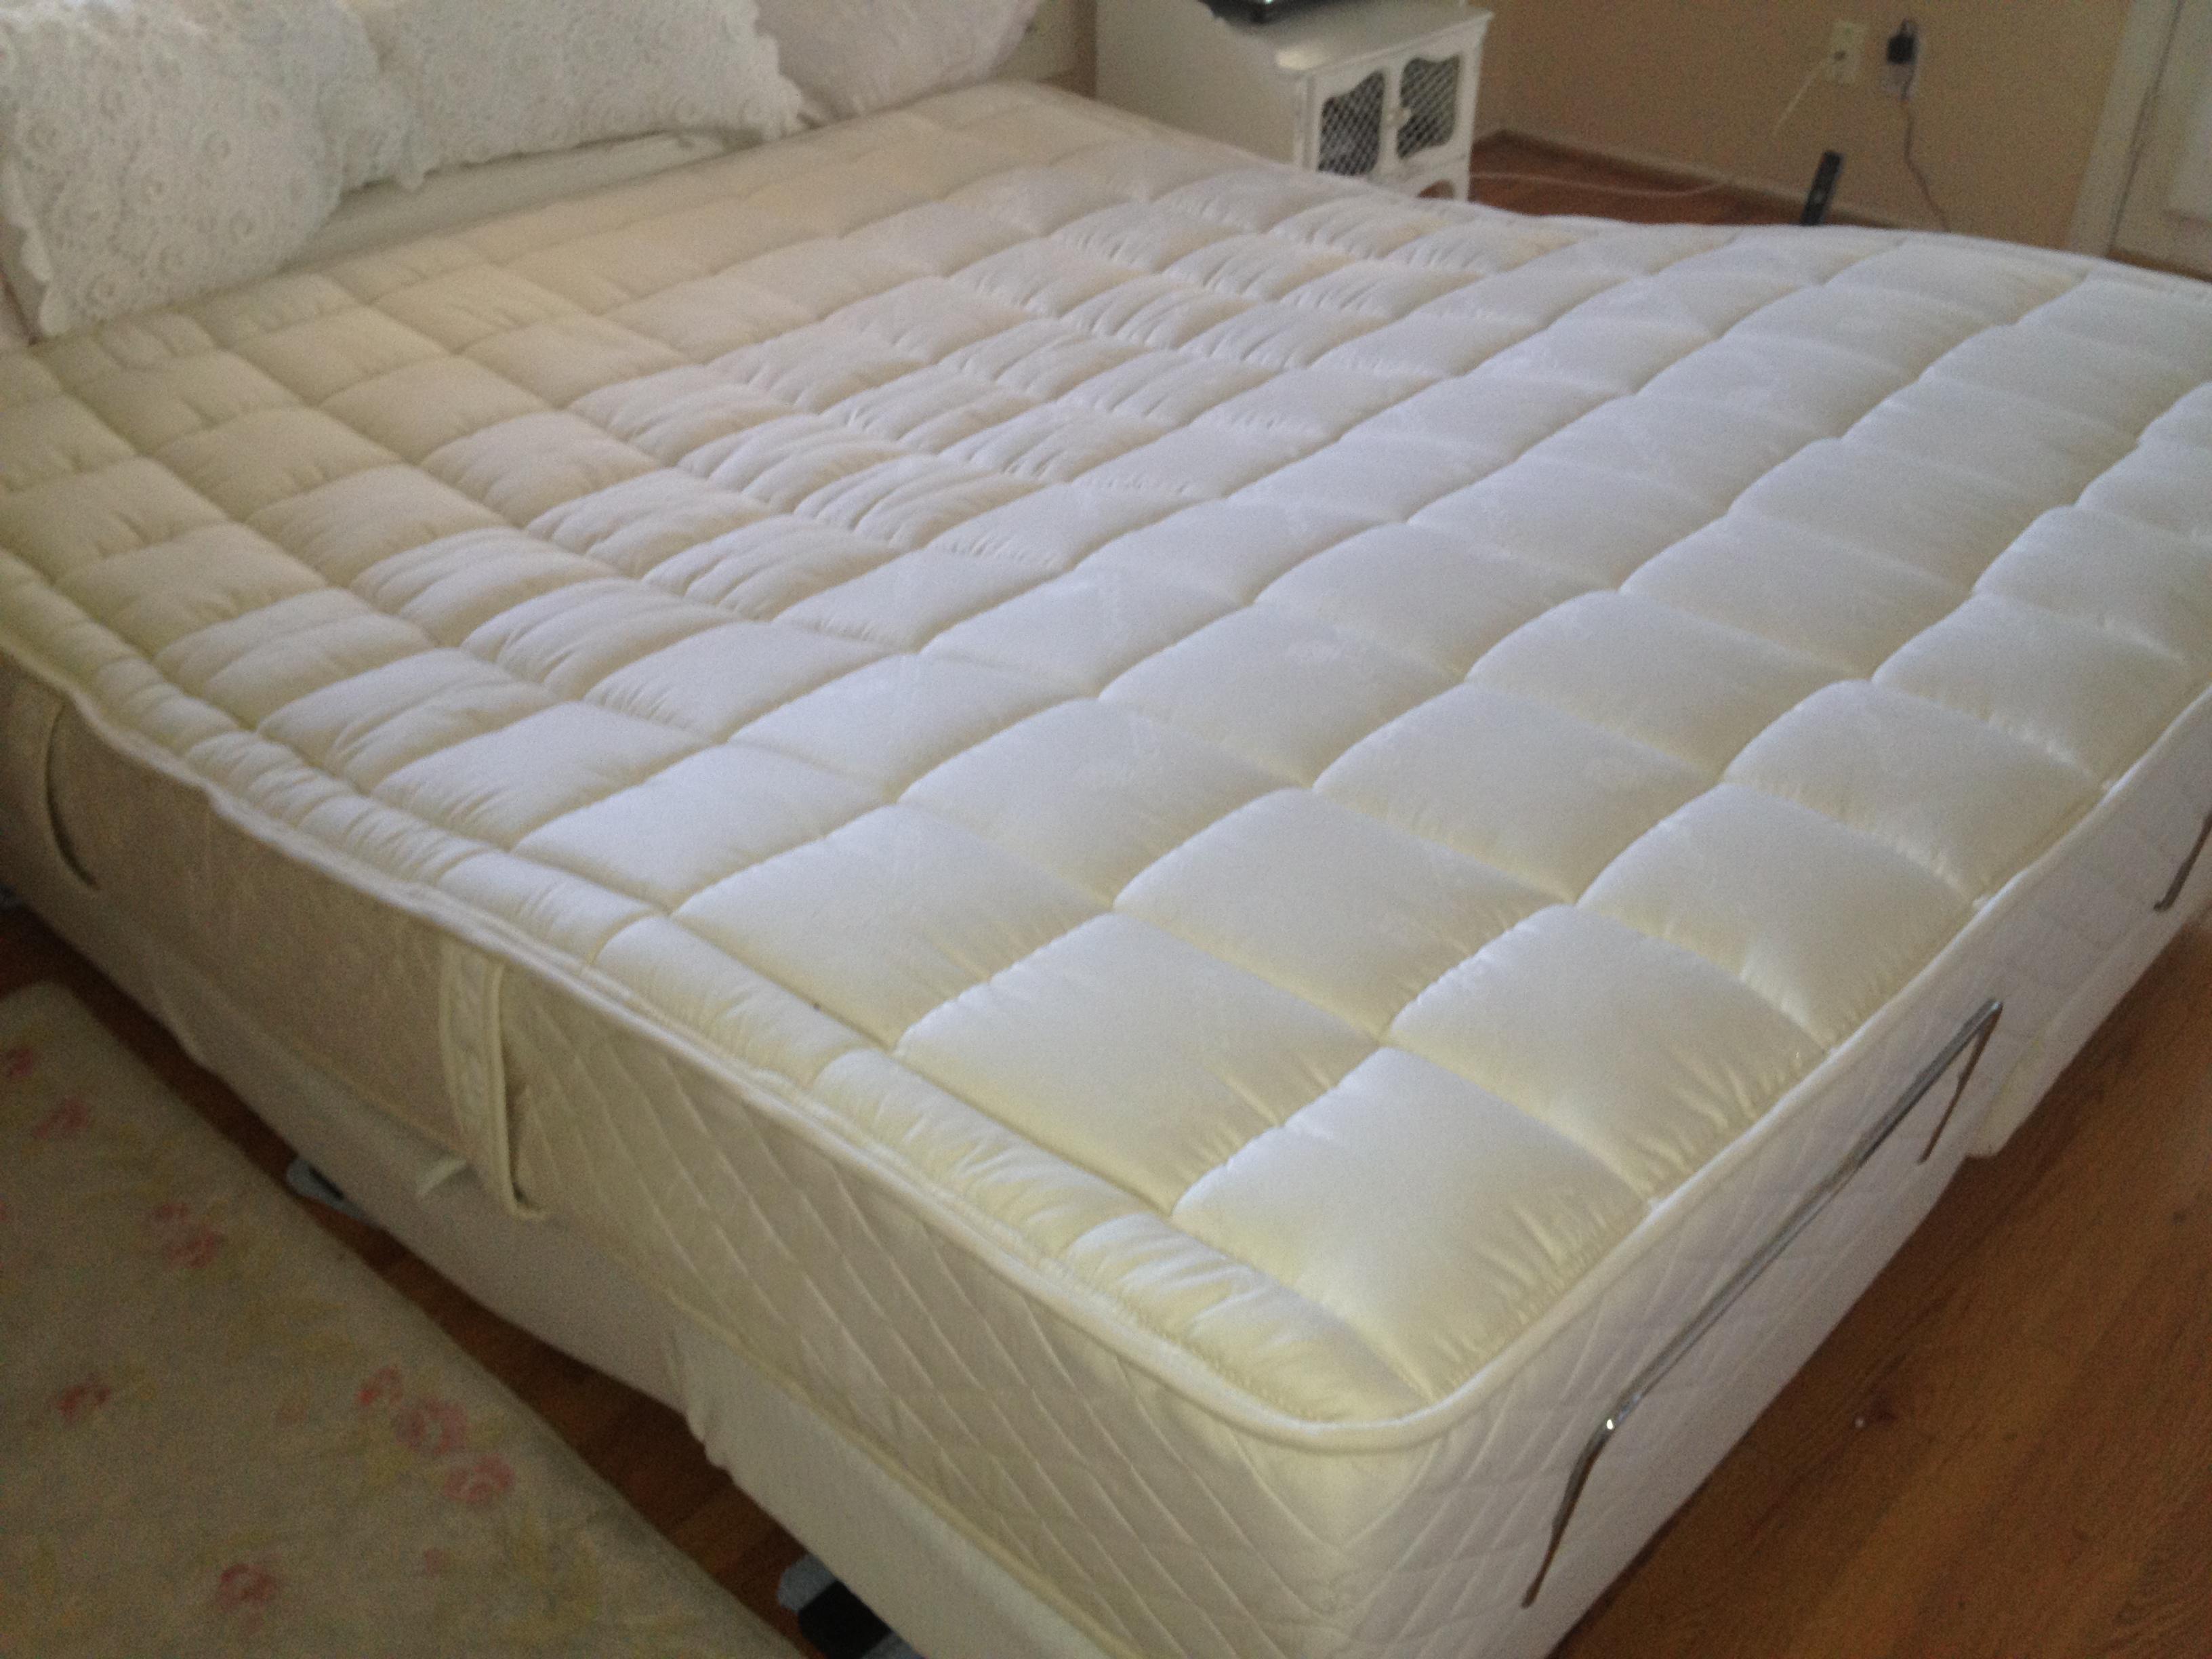 Kingsize Adjustable Beds King Electric Beds